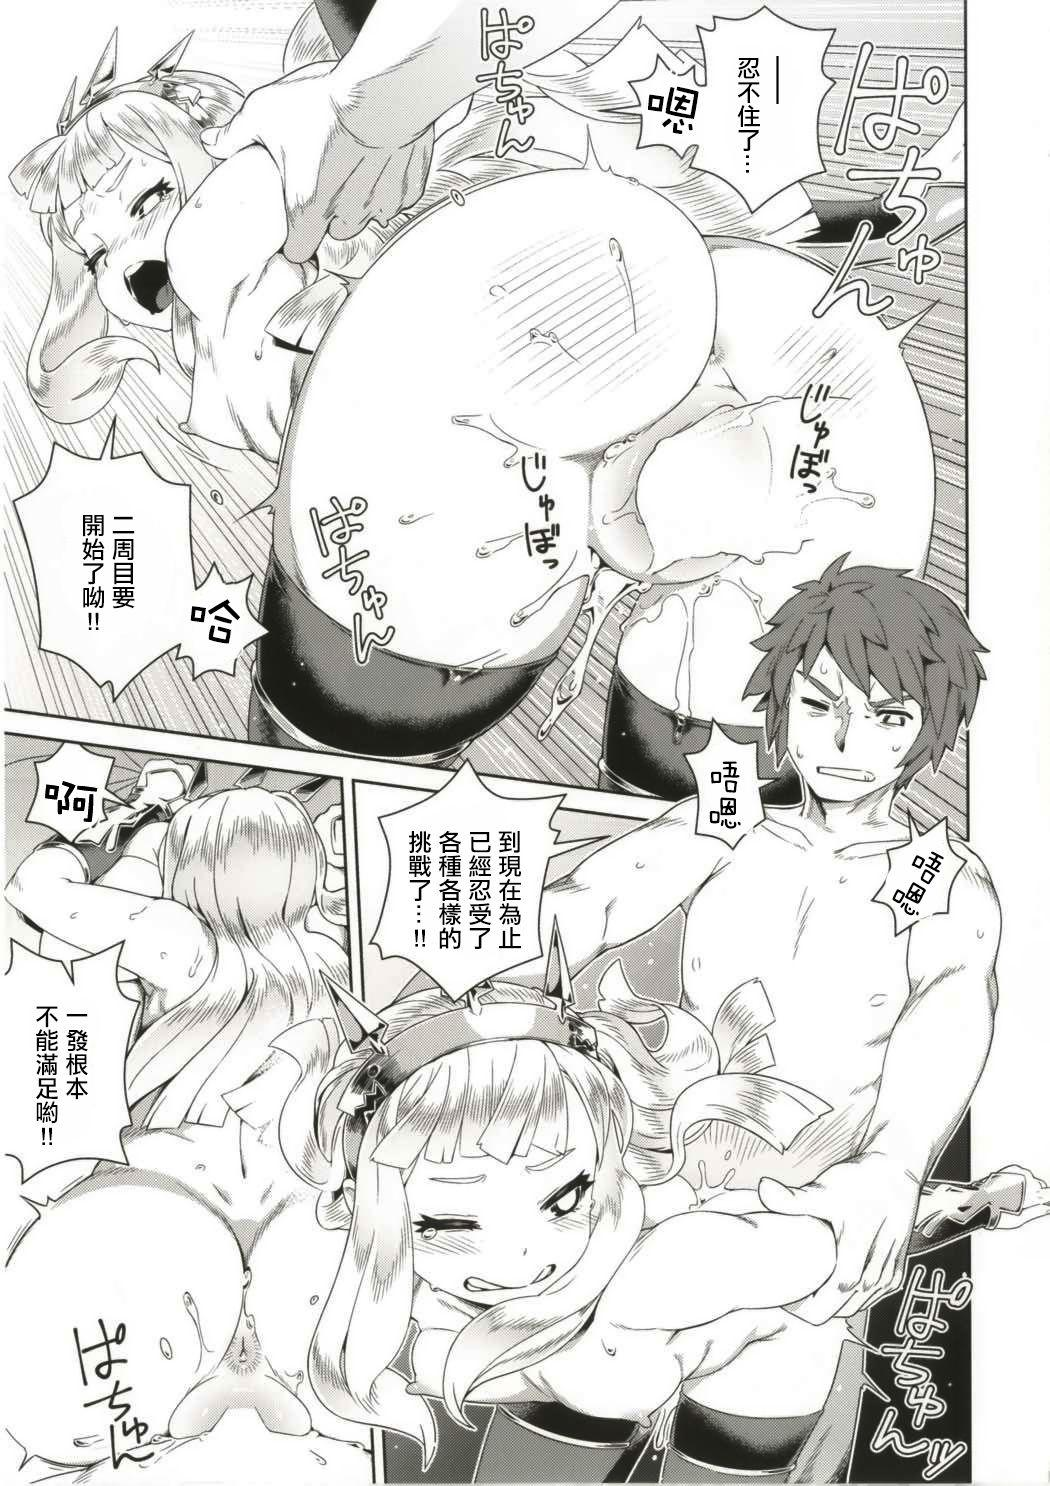 7-kakan Kakete Sekai o Tsukuru yori Kawaii Ossan Ochisaseta Hou ga Ii 12